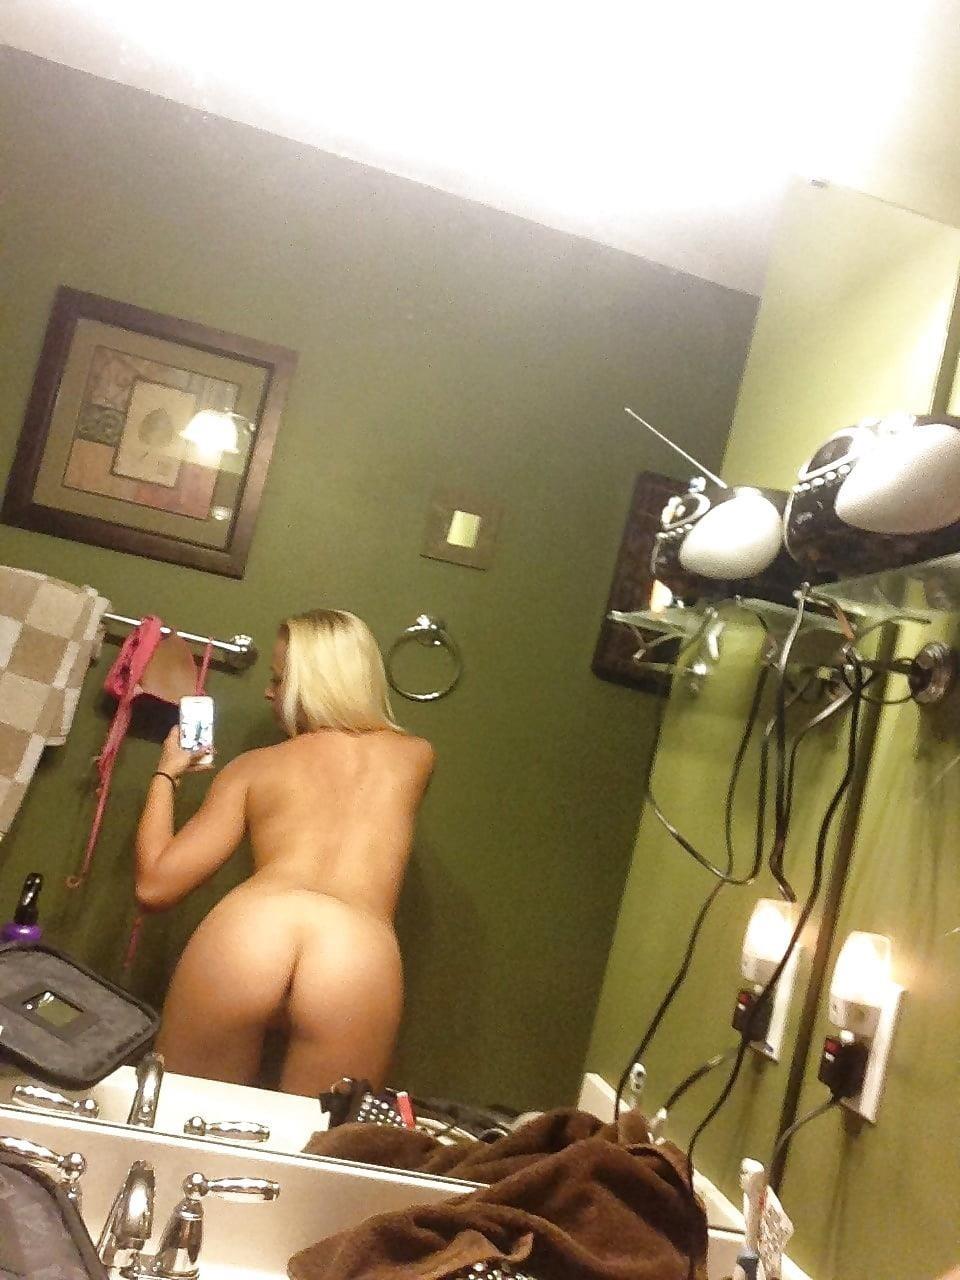 Blonde teen nude selfie-8886